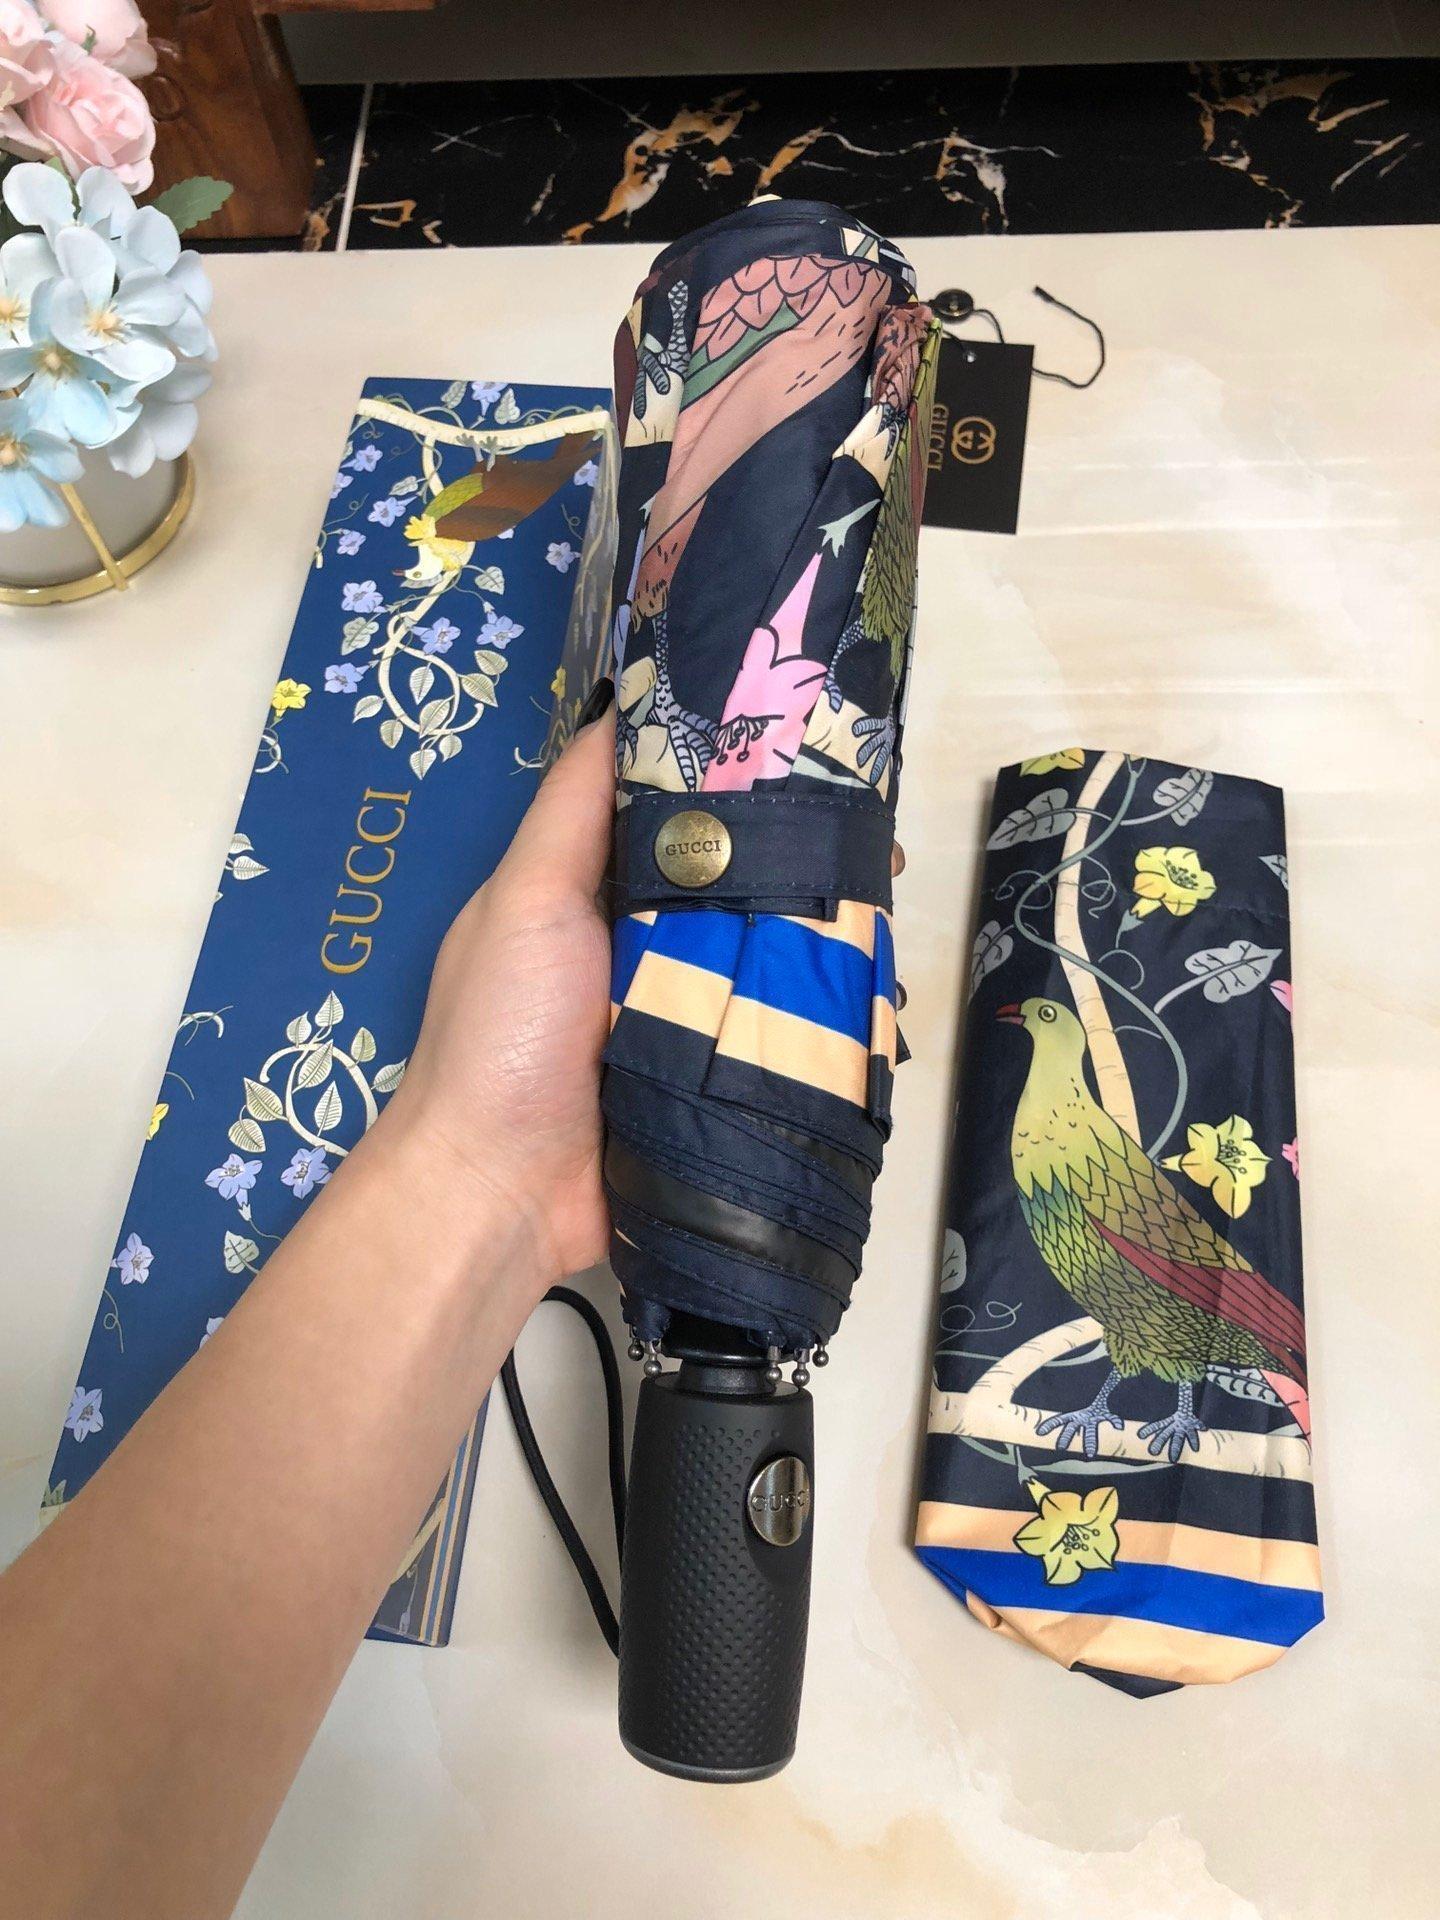 2020 más importantes de accesorios de moda de calidad para hombre mujer paraguas nueva Bumbershoot casaul Parasol L6MP